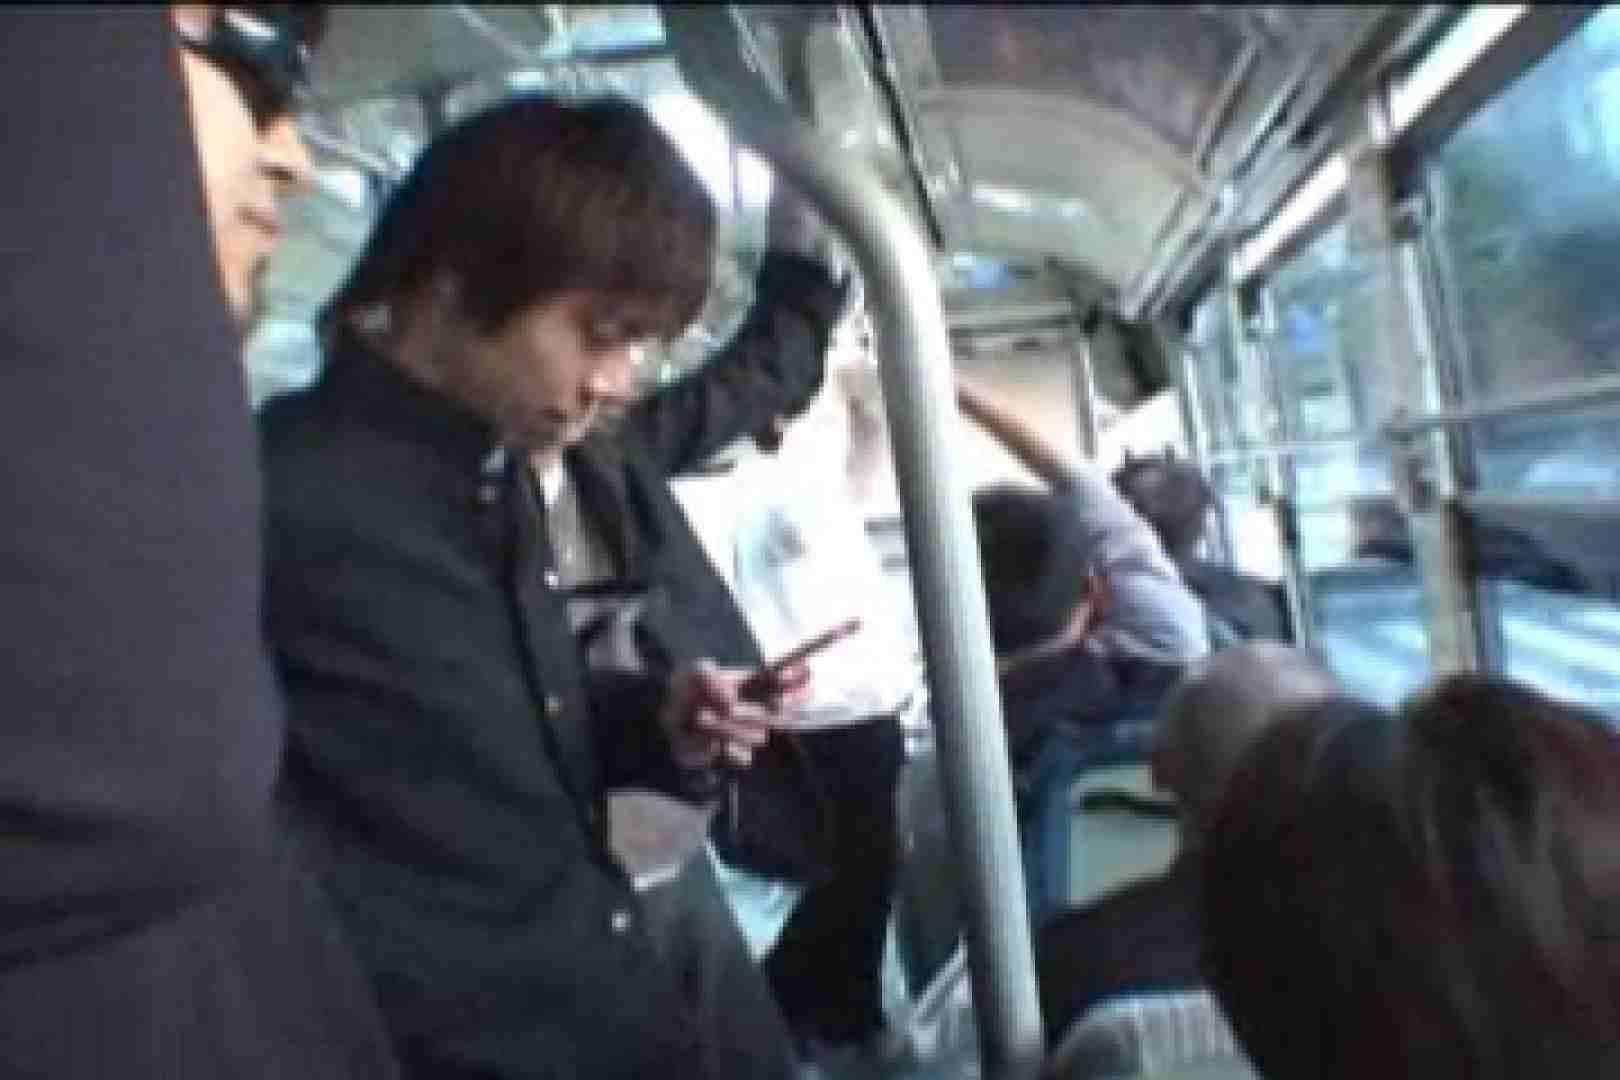 怒涛の集団攻撃!!vol.06 アナル責め ゲイアダルト画像 113枚 43